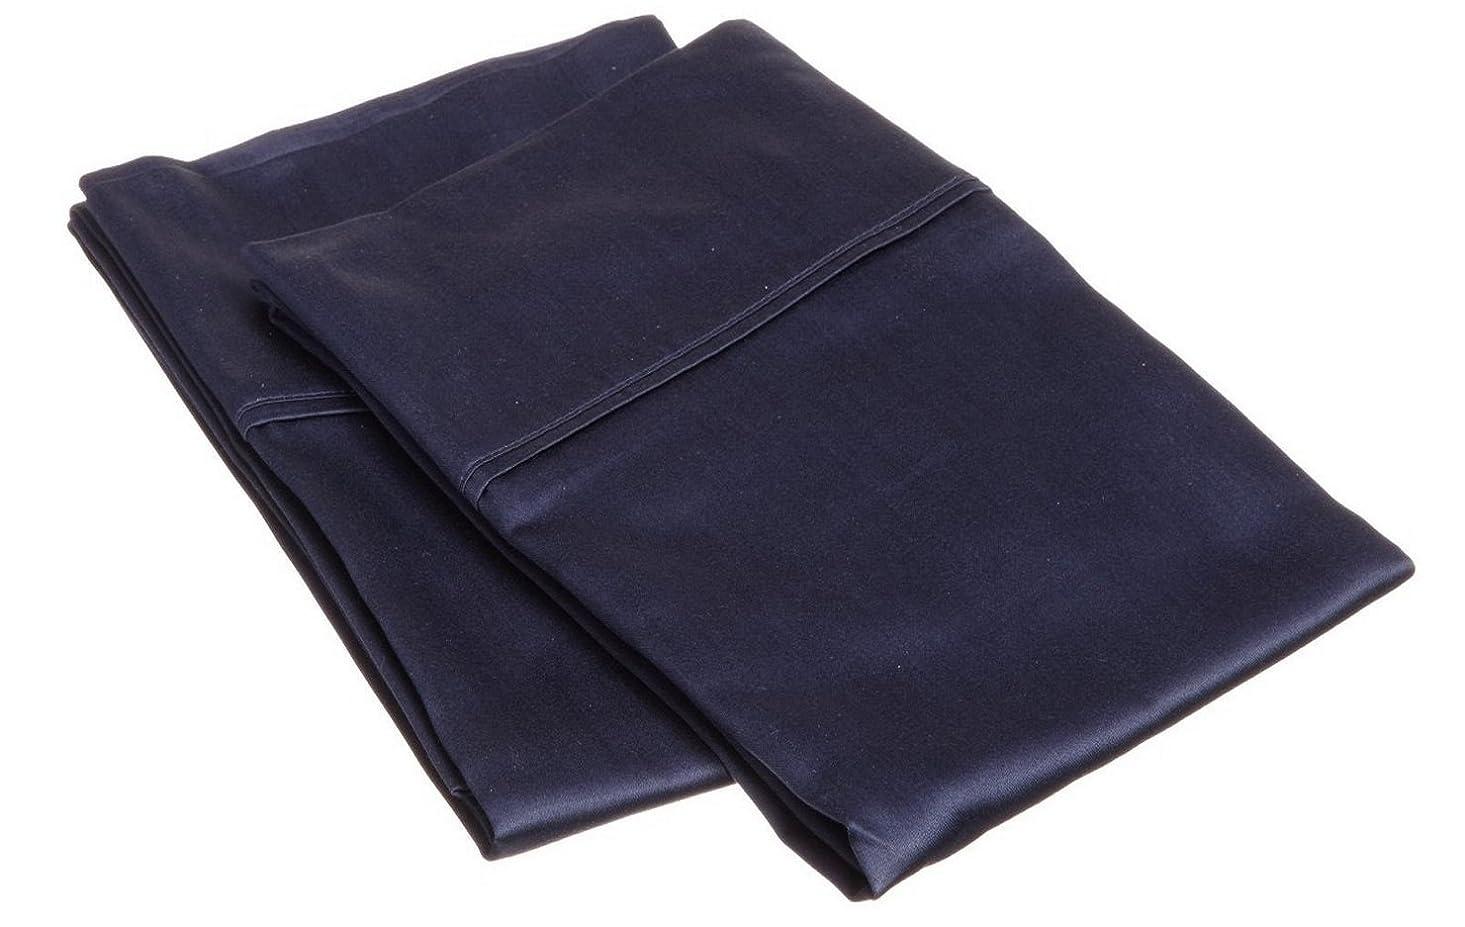 精通したボランティア協力的Marrikas 300tc 100% エジプト綿 ソリッド スタンダード 枕カバー ペア 標準 ブルー